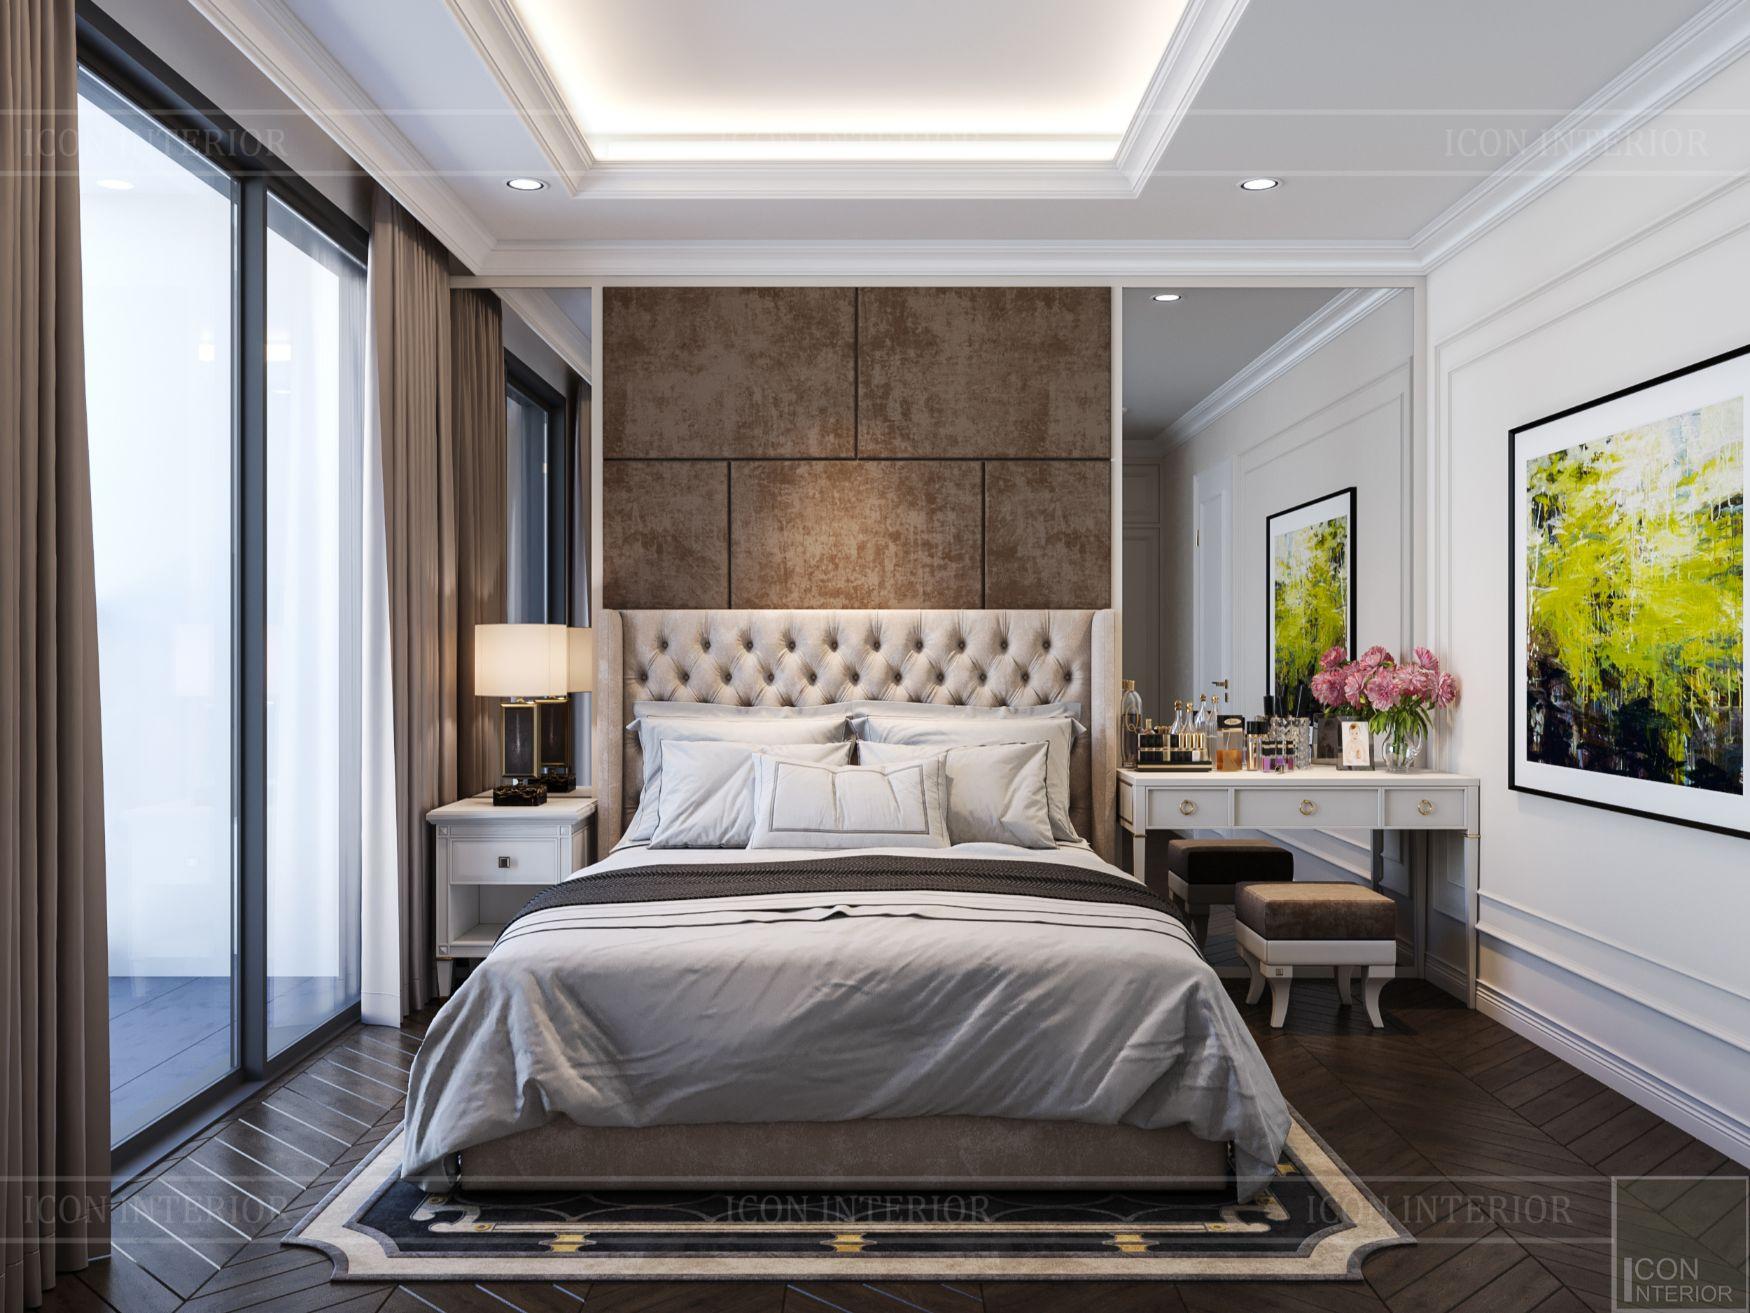 thiết kế nội thất căn hộ midtown - phòng master 2